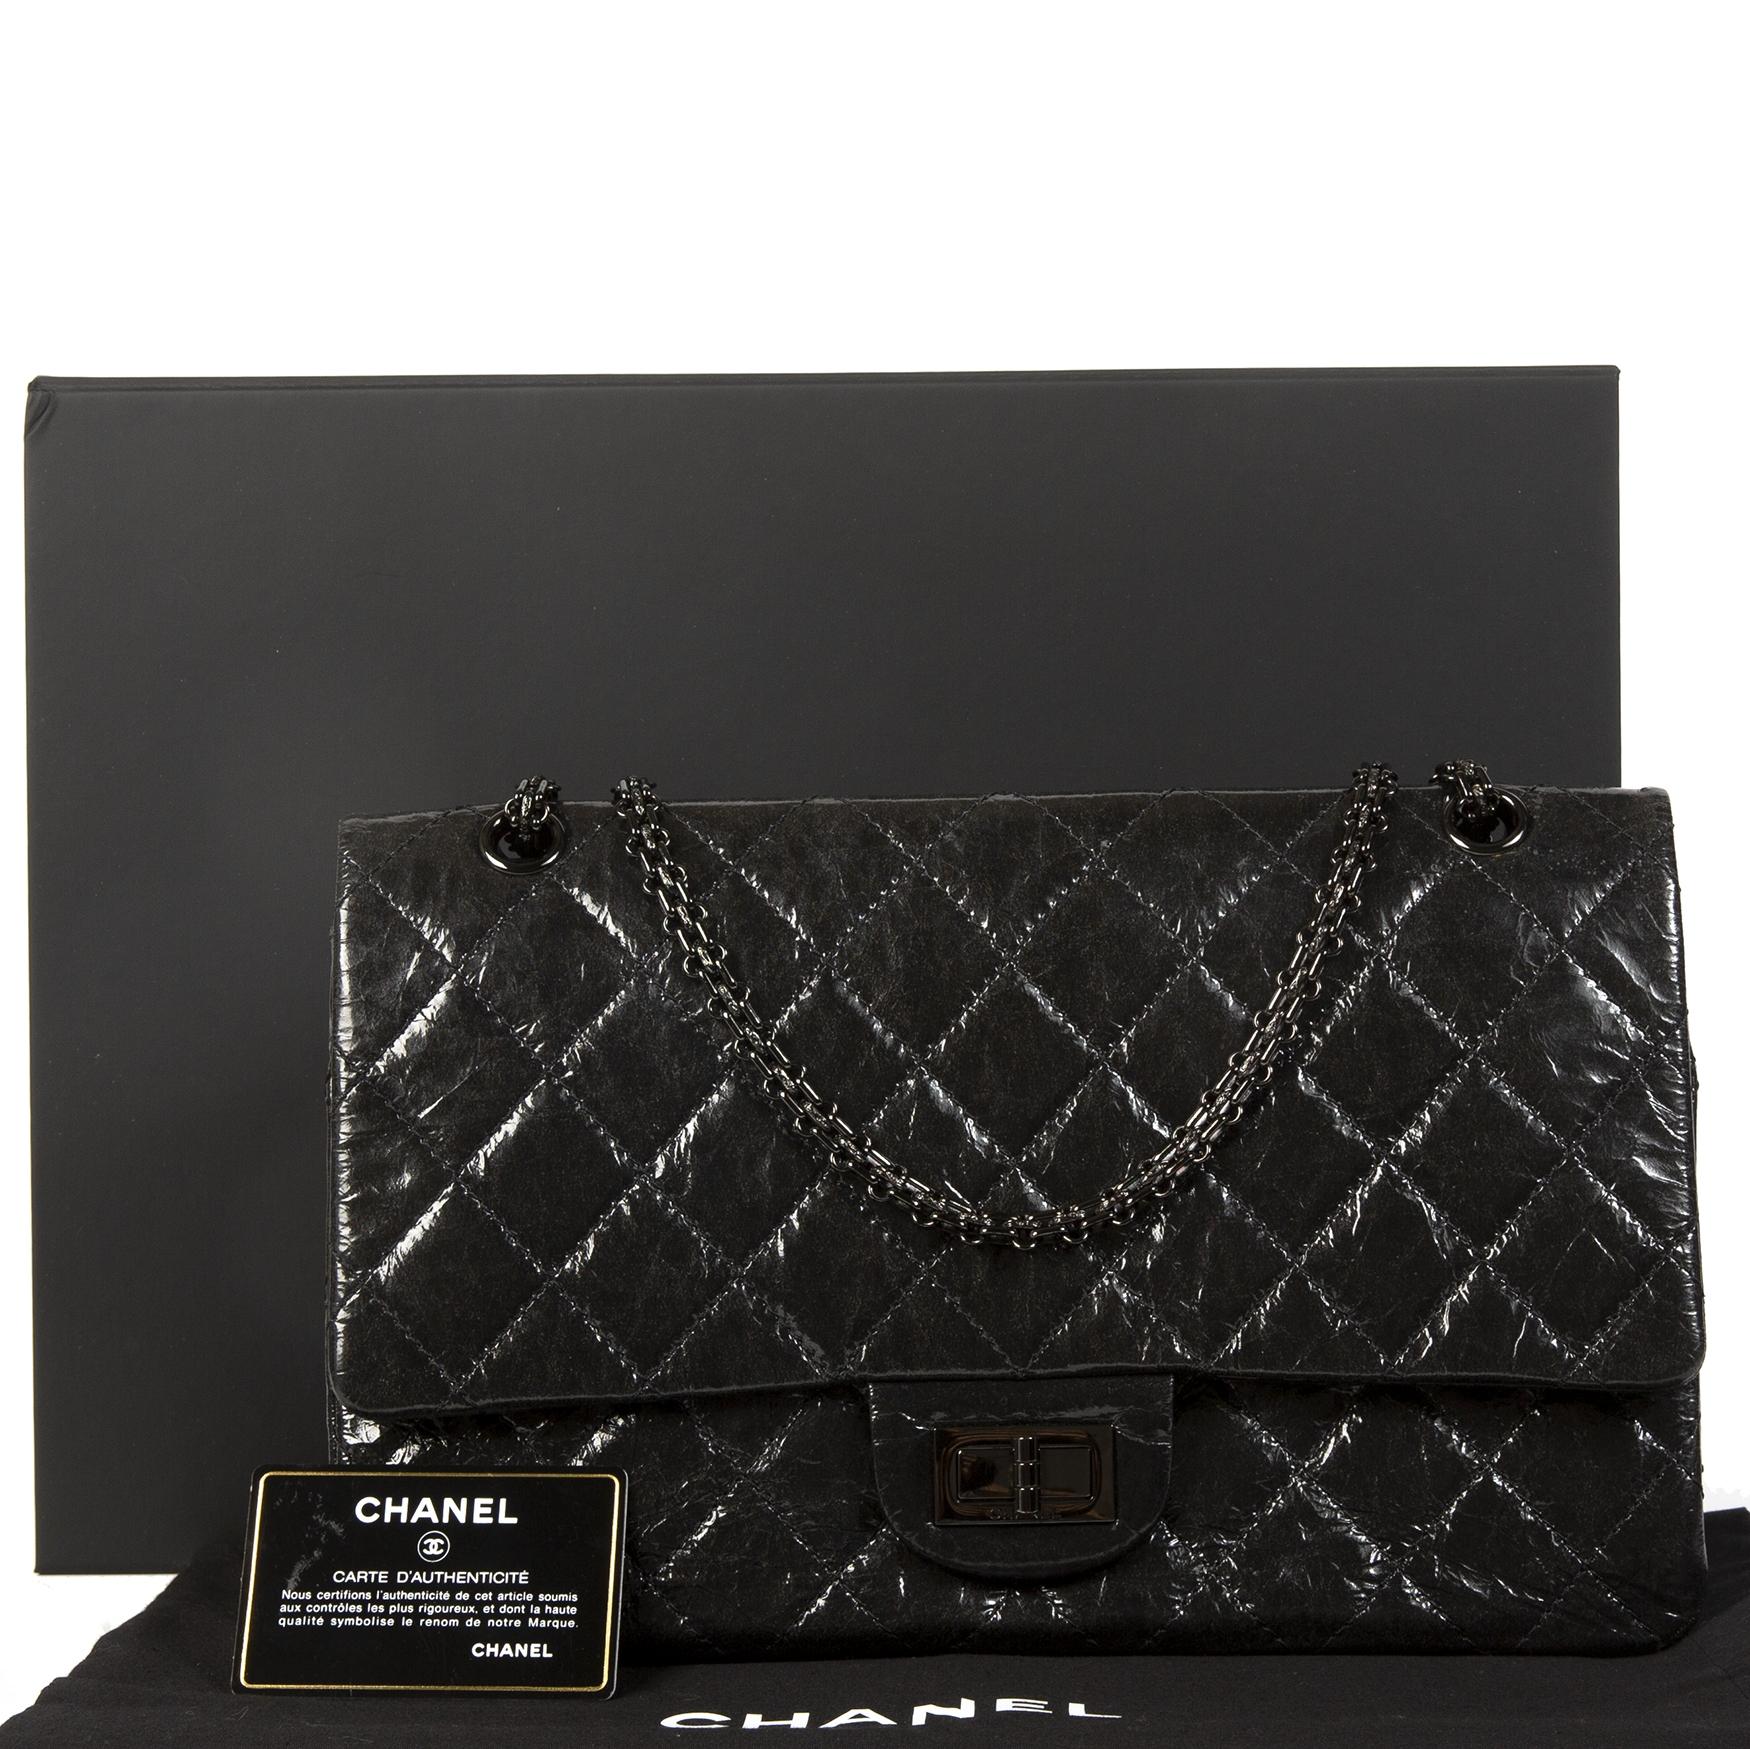 Chanel 2.55 Reissue Glazed Calfskin So Black 277 Bag for sale at Labellov in Antwerp